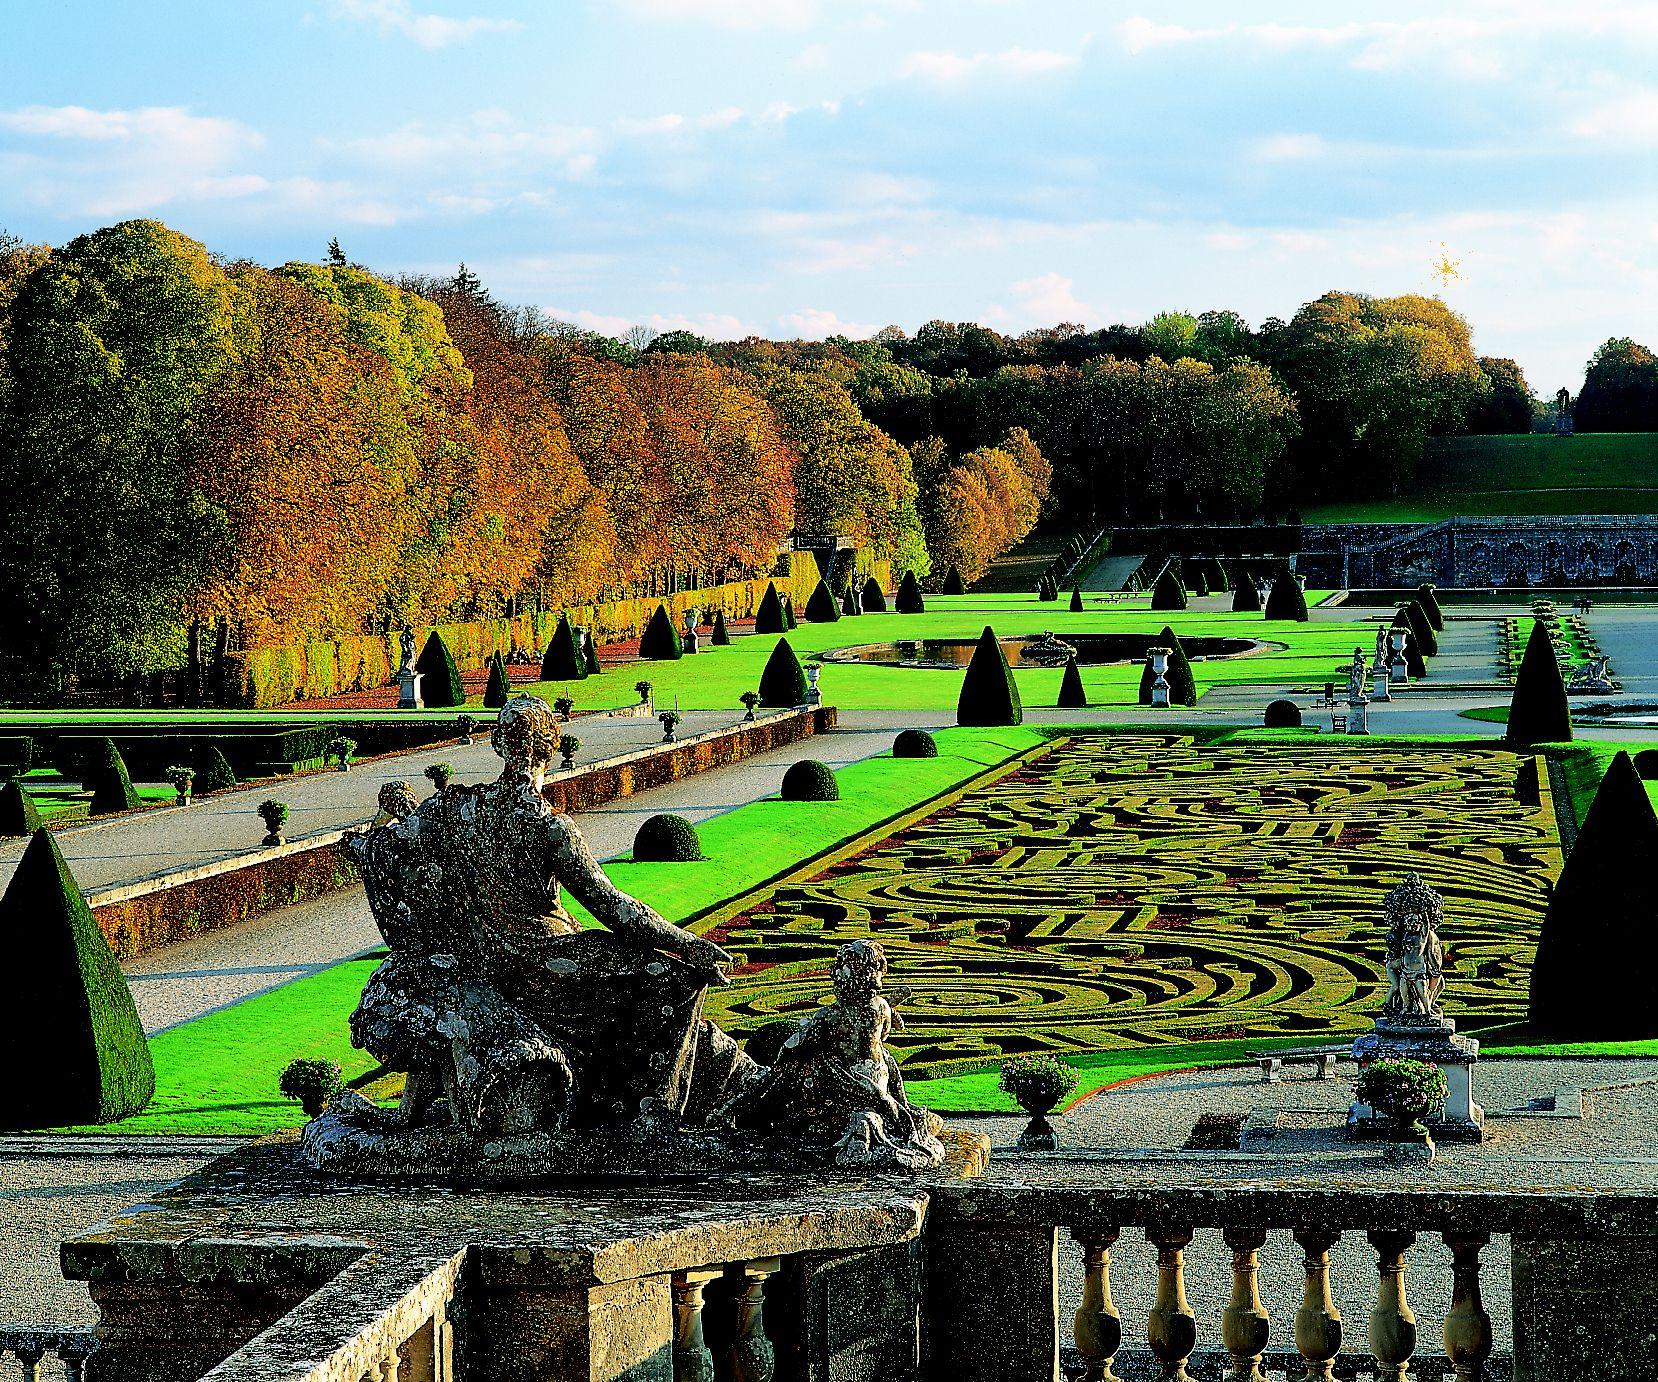 Garden-of-Vaux-le-VIcomteJulien-Vall.jpg